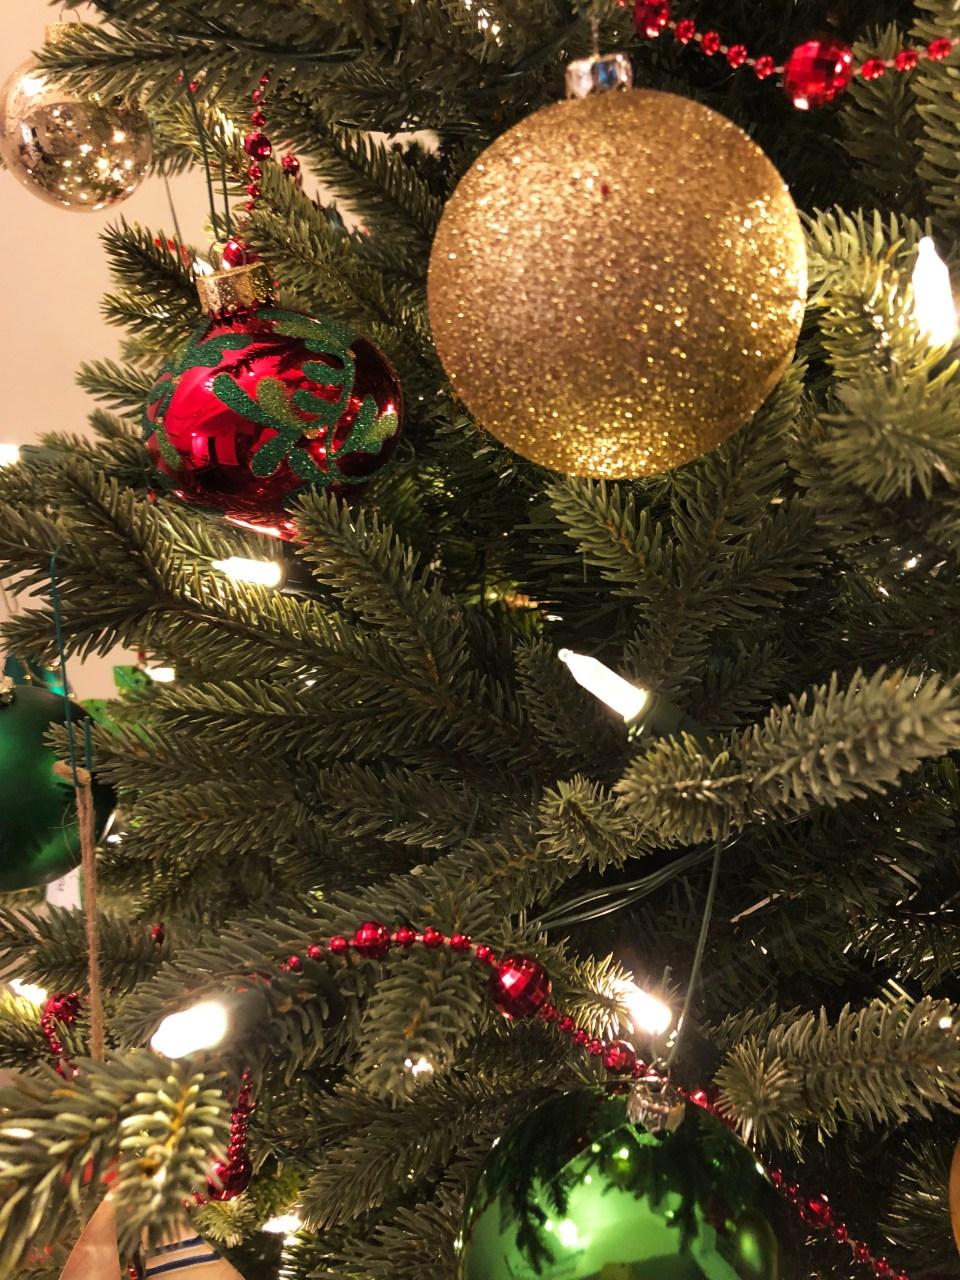 Christmas Tree - Nighttime 10